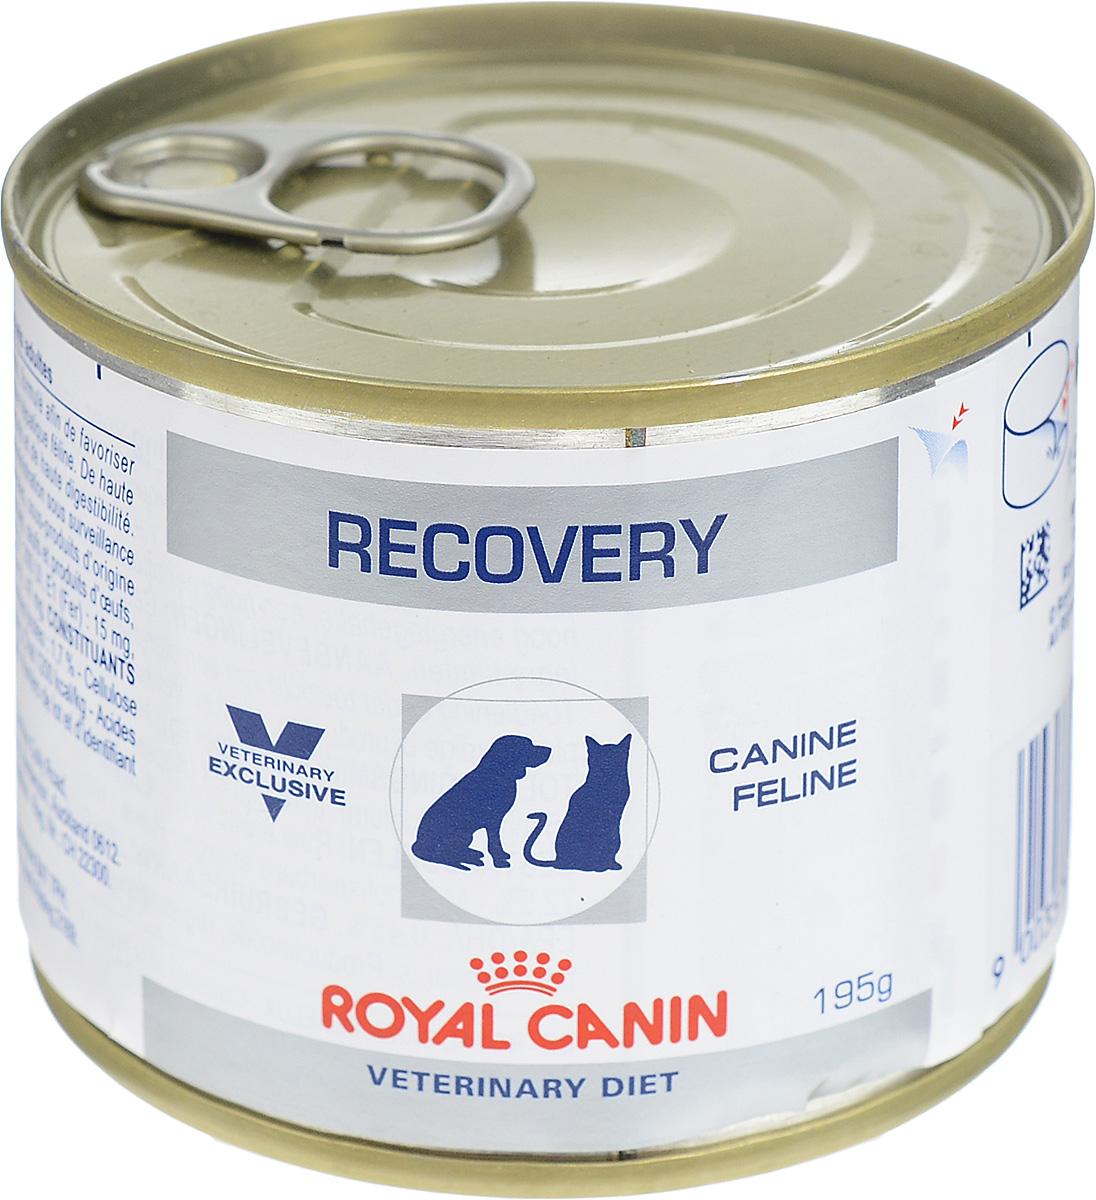 Консервы для собак и кошек Royal Canin Recovery, в период анорексии и выздоровления, 195 г27549Полнорационный диетический корм Royal Canin Recovery предназначен для кошек и собак в период восстановления после болезни и интенсивной терапии. Показания:- Анорексия – нарушения питания. - Поддержание организма после операций и во время интенсивной терапии. - Период выздоровления. - Искусственное энтеральное кормление. - Липидоз печени у кошек. - Беременность, лактация, рост. Высокое содержание энергии в диетическом корме Royal Canin Recovery помогает компенсировать уменьшение объема потребляемого корма у привередливых в еде животных.Консистенция позволяет легко вводить его шприцем или с помощью зонда.У собак и кошек, находящихся в стационаре, нередко наблюдают снижение аппетита и потерю массы тела. Консервы обладают высокой вкусовой привлекательностью, благодаря чему животные охотно их поедают.Комплекс антиоксидантов синергичного действия (витамины Е и С, таурин, лютеин) помогает противостоять повреждению клеток под действием окислительного стресса и способствует укреплению иммунной системы. Состав: печень птицы, свинина, мясо птицы, обработанный кукурузный крахмал, целлюлоза, казеинат кальция, рыбий жир, минеральные вещества, сухой яичный белок, подсолнечное масло, таурин, каррагенан, фруктоолигосахариды (ФОС), экстракт бархатцев прямостоячих (источник лютеина), семена подорожника, гидролизат дрожжей (источник маннановых олигосахаридов), DL-метионин, микроэлементы (в том числе в хелатной форме), витамины. Добавки (на кг): витамин D3 - 300 МЕ, железо - 15 мг, йод - 0,16 мг, медь - 1 мг, марганец - 4,5 мг, цинк - 47 мг.Питательные вещества на 100 г: белки 14%, жиры 6,2%, углеводы 2,6%, минеральные вещества 1,7%, клетчатка пищевая 2%, влажность 72,5%.Энергетическая ценность на 1 кг: для собак - 1180 ккал, для кошек - 1200 ккал.Товар сертифицирован.Чем кормить пожилых собак: советы ветеринара. Статья OZON ГидЧем кормить пожилых кошек: советы ветеринара. Статья OZON Гид